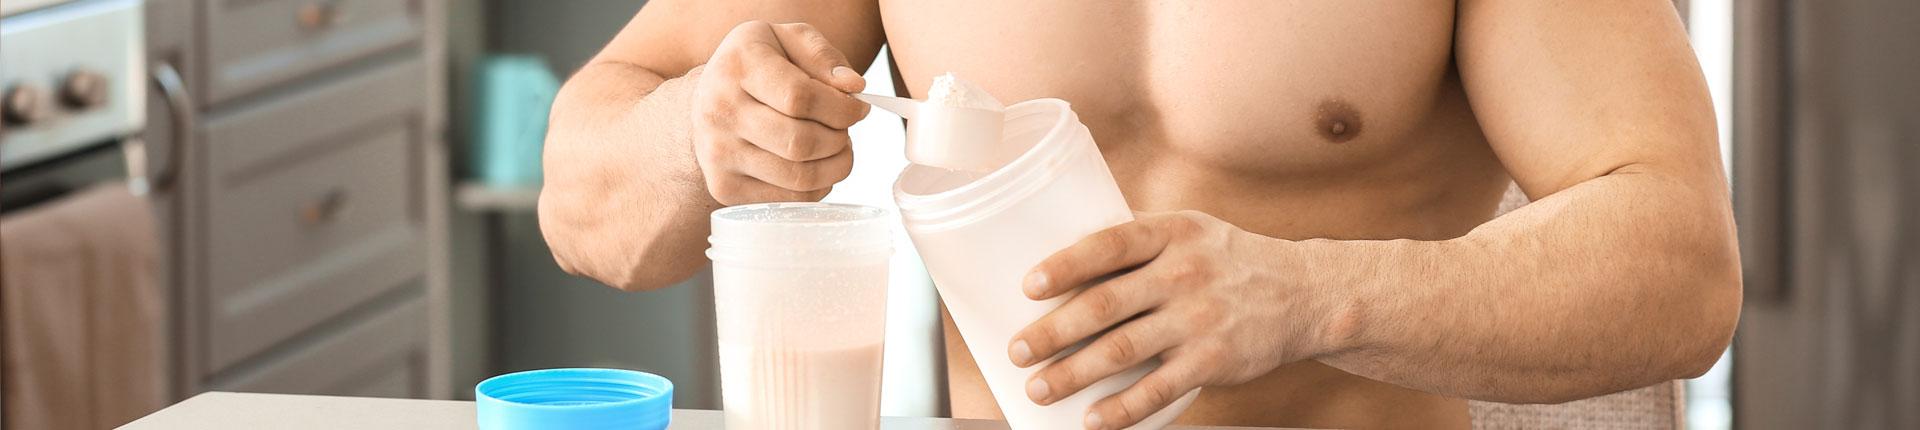 Co musisz wiedzieć, zanim sięgniesz po białko serwatkowe?